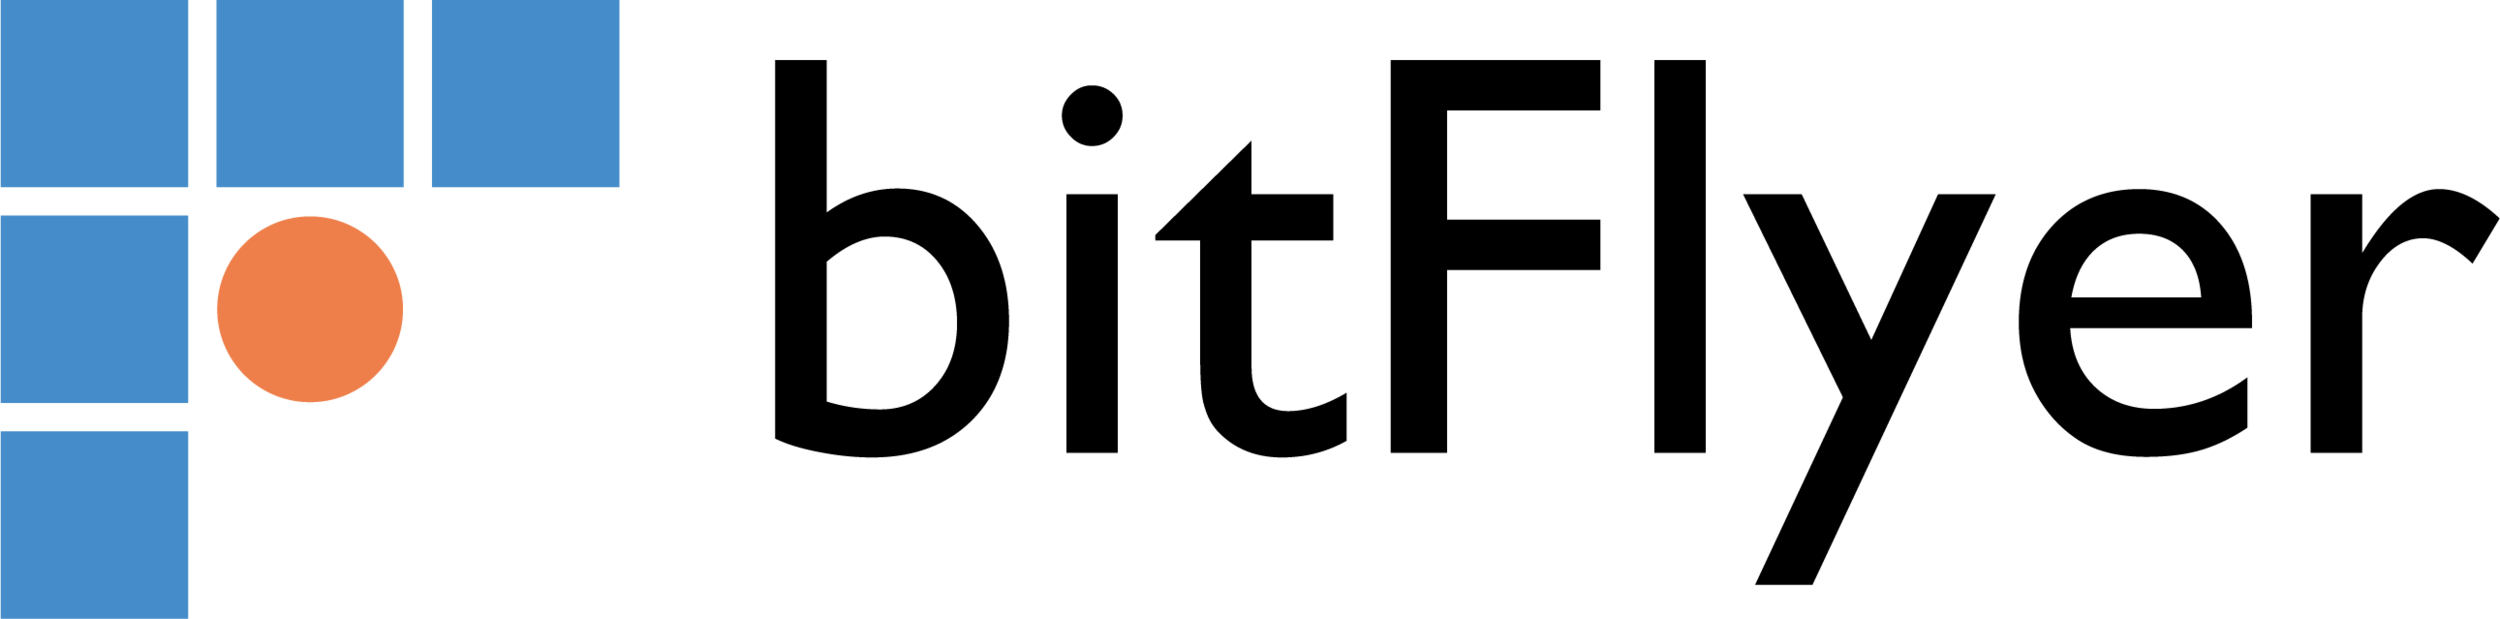 logo_h.png